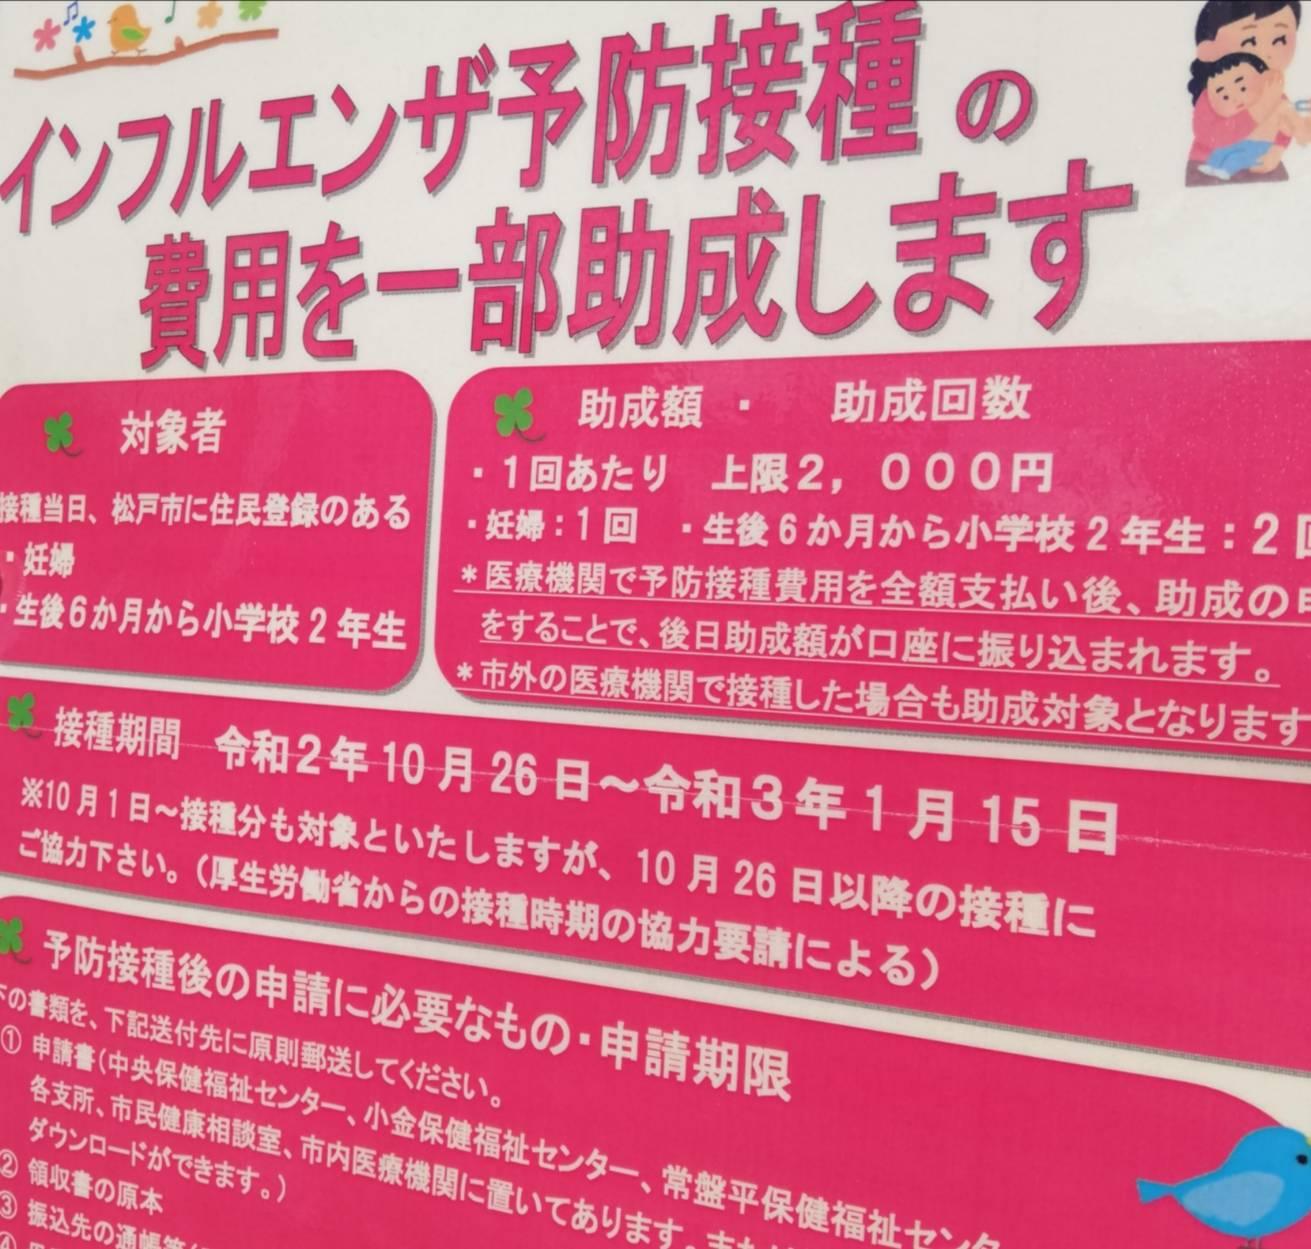 インフルエンザ予防接種松戸市助成妊婦子供